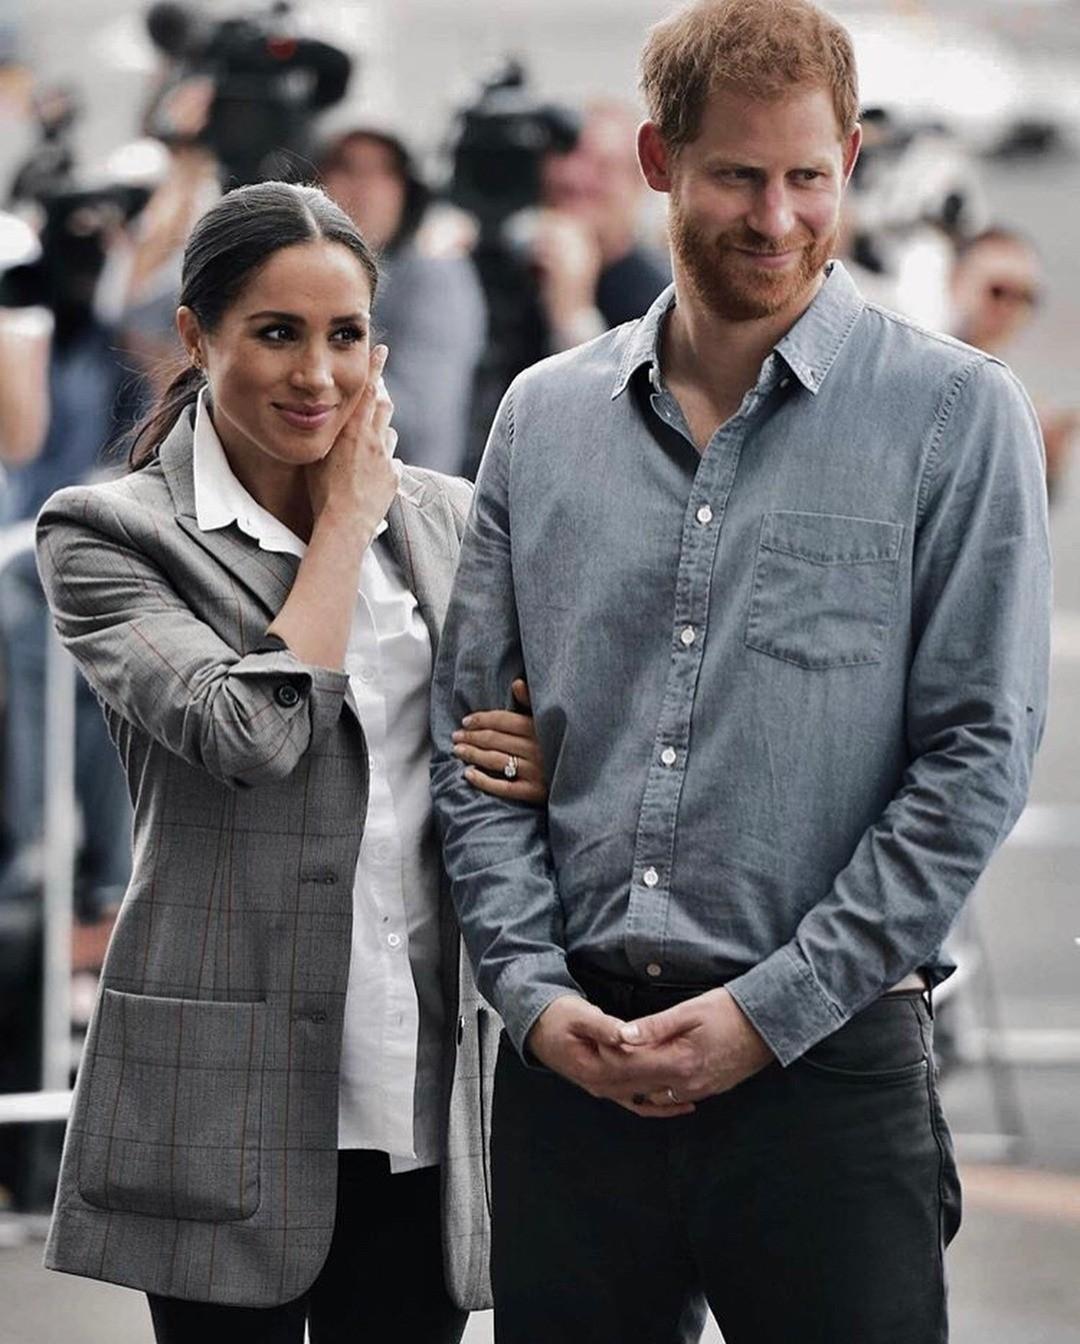 Принц Гарри всегда утверждал, что его семья для него — пример для подражания. Чего не скажешь о семье Меган, отношения родителей которой далеки от идеала. Именно поэтому психологи утвержд...